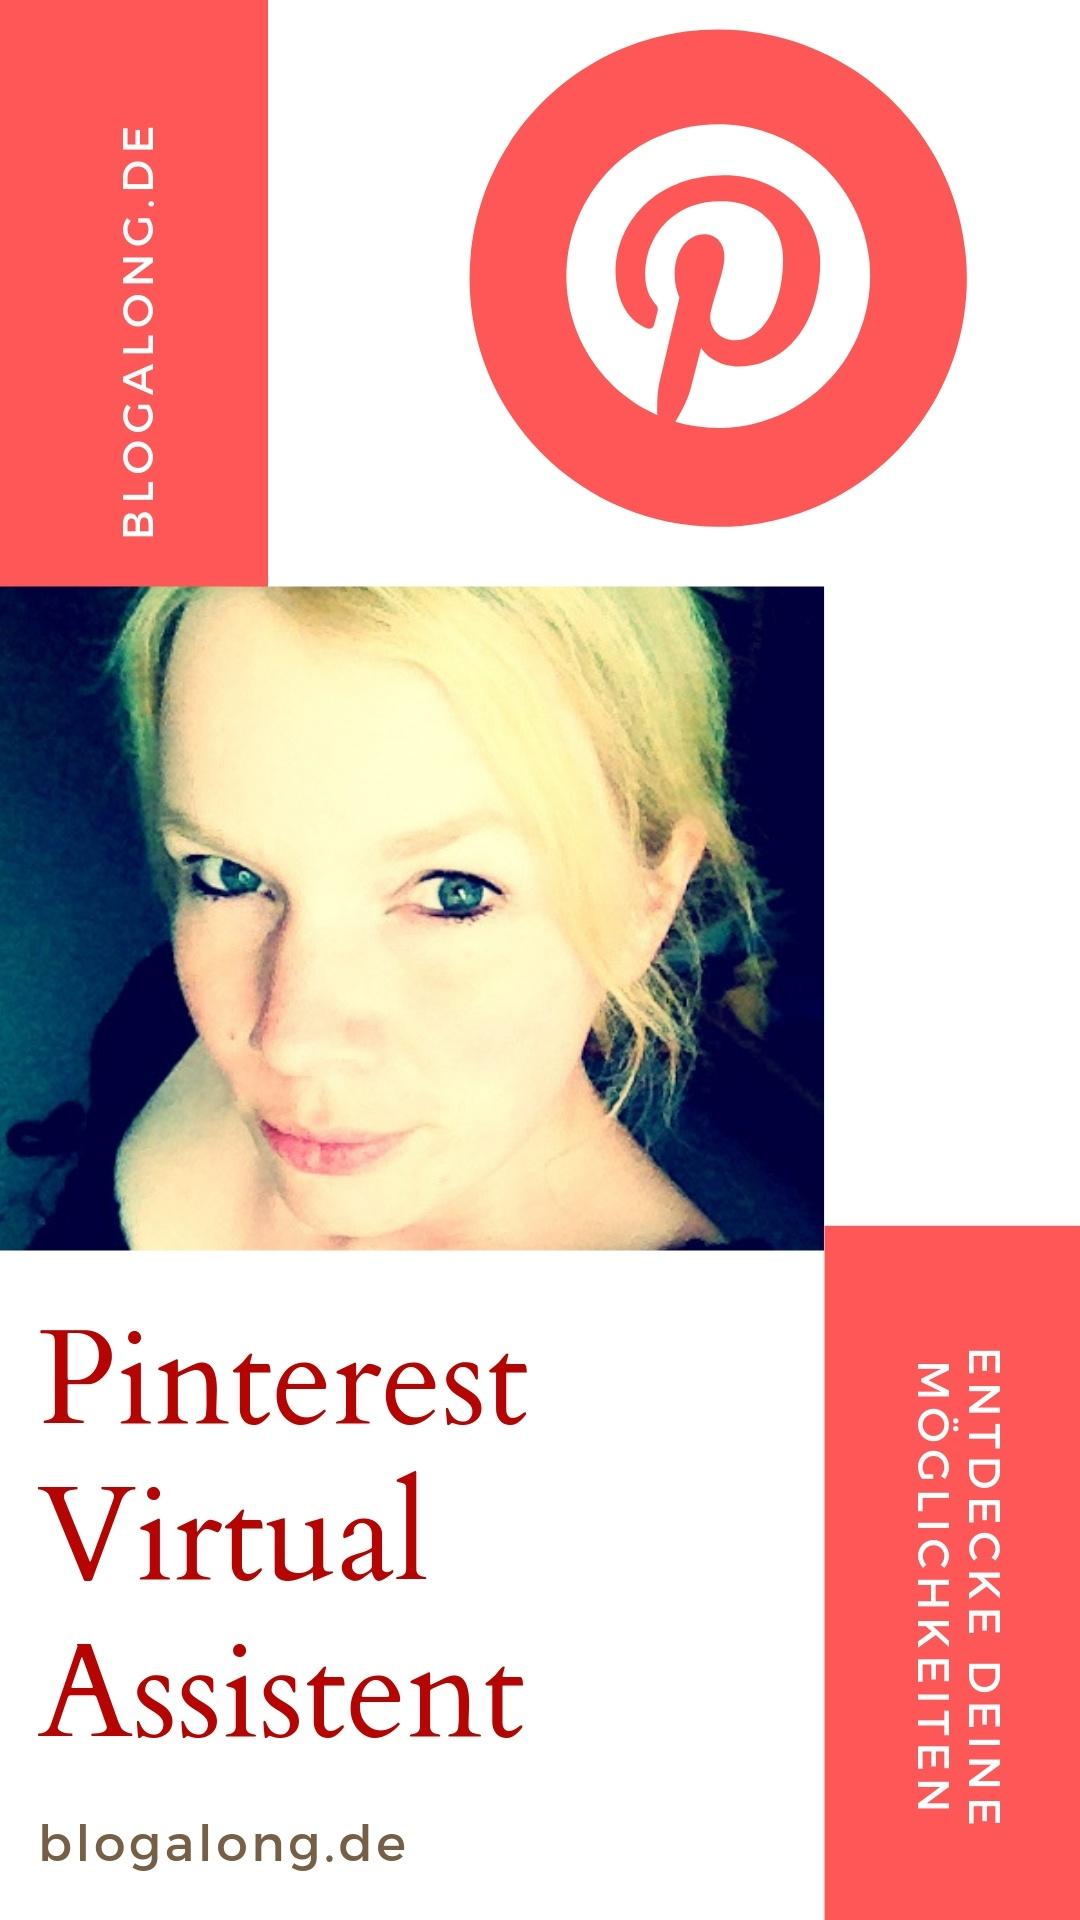 Arbeite mit mir zusammen: Pinterest Virtual Assistant